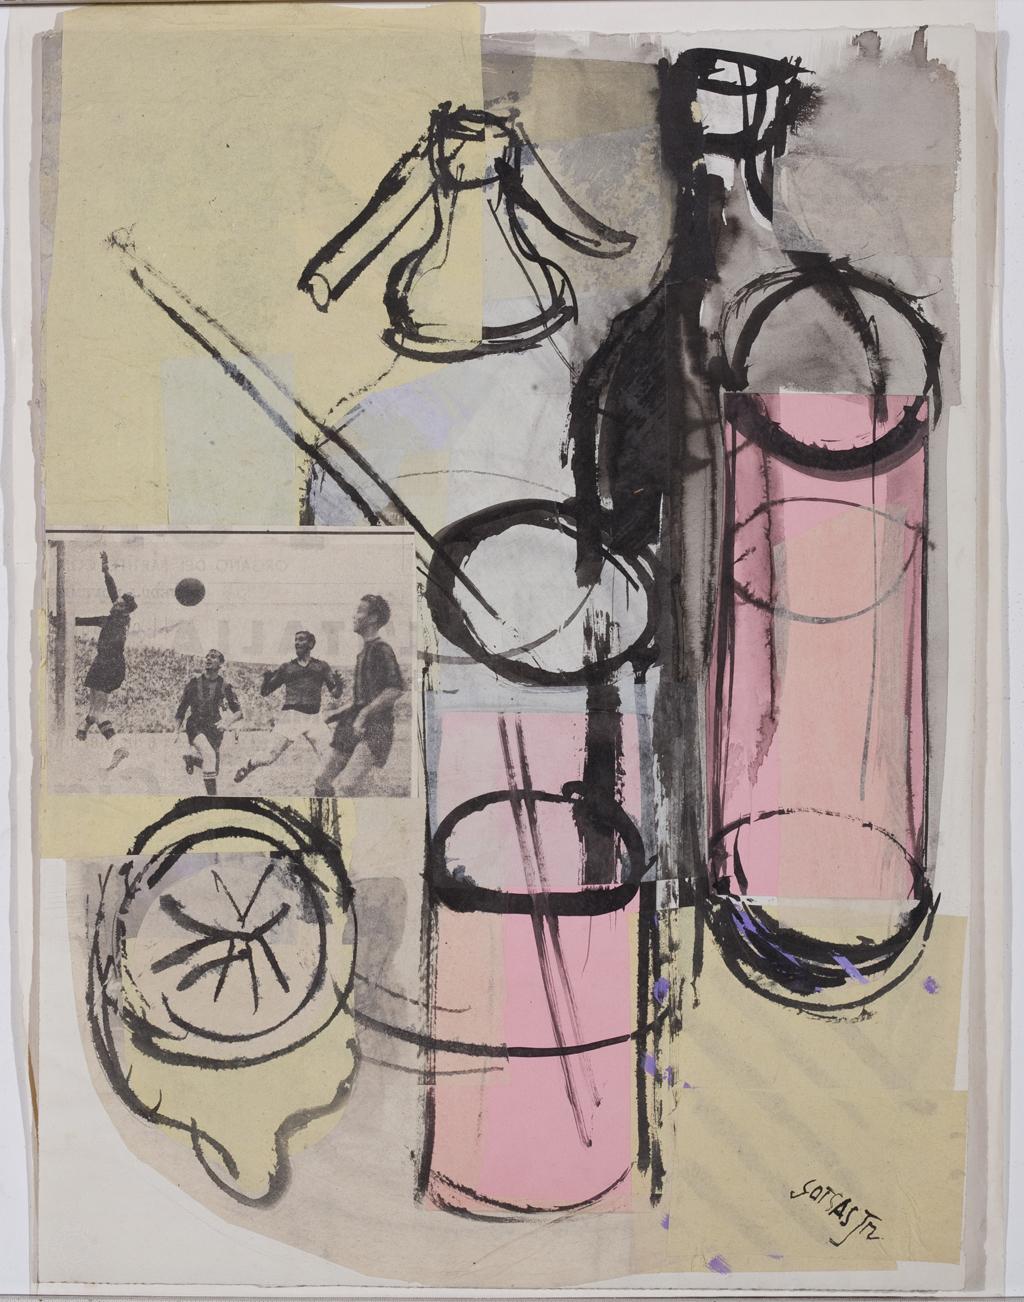 """Ettore Sottsass Junior, Studi per grafica, s. d. (1947), collage e china su carta, mm 440 x 325, sul recto: """"Sottsass Jr."""" (Progetto per grafica editoriale per Cocktails Portfolio, edizione Stamperia Artistica Nazionale, Torino)"""